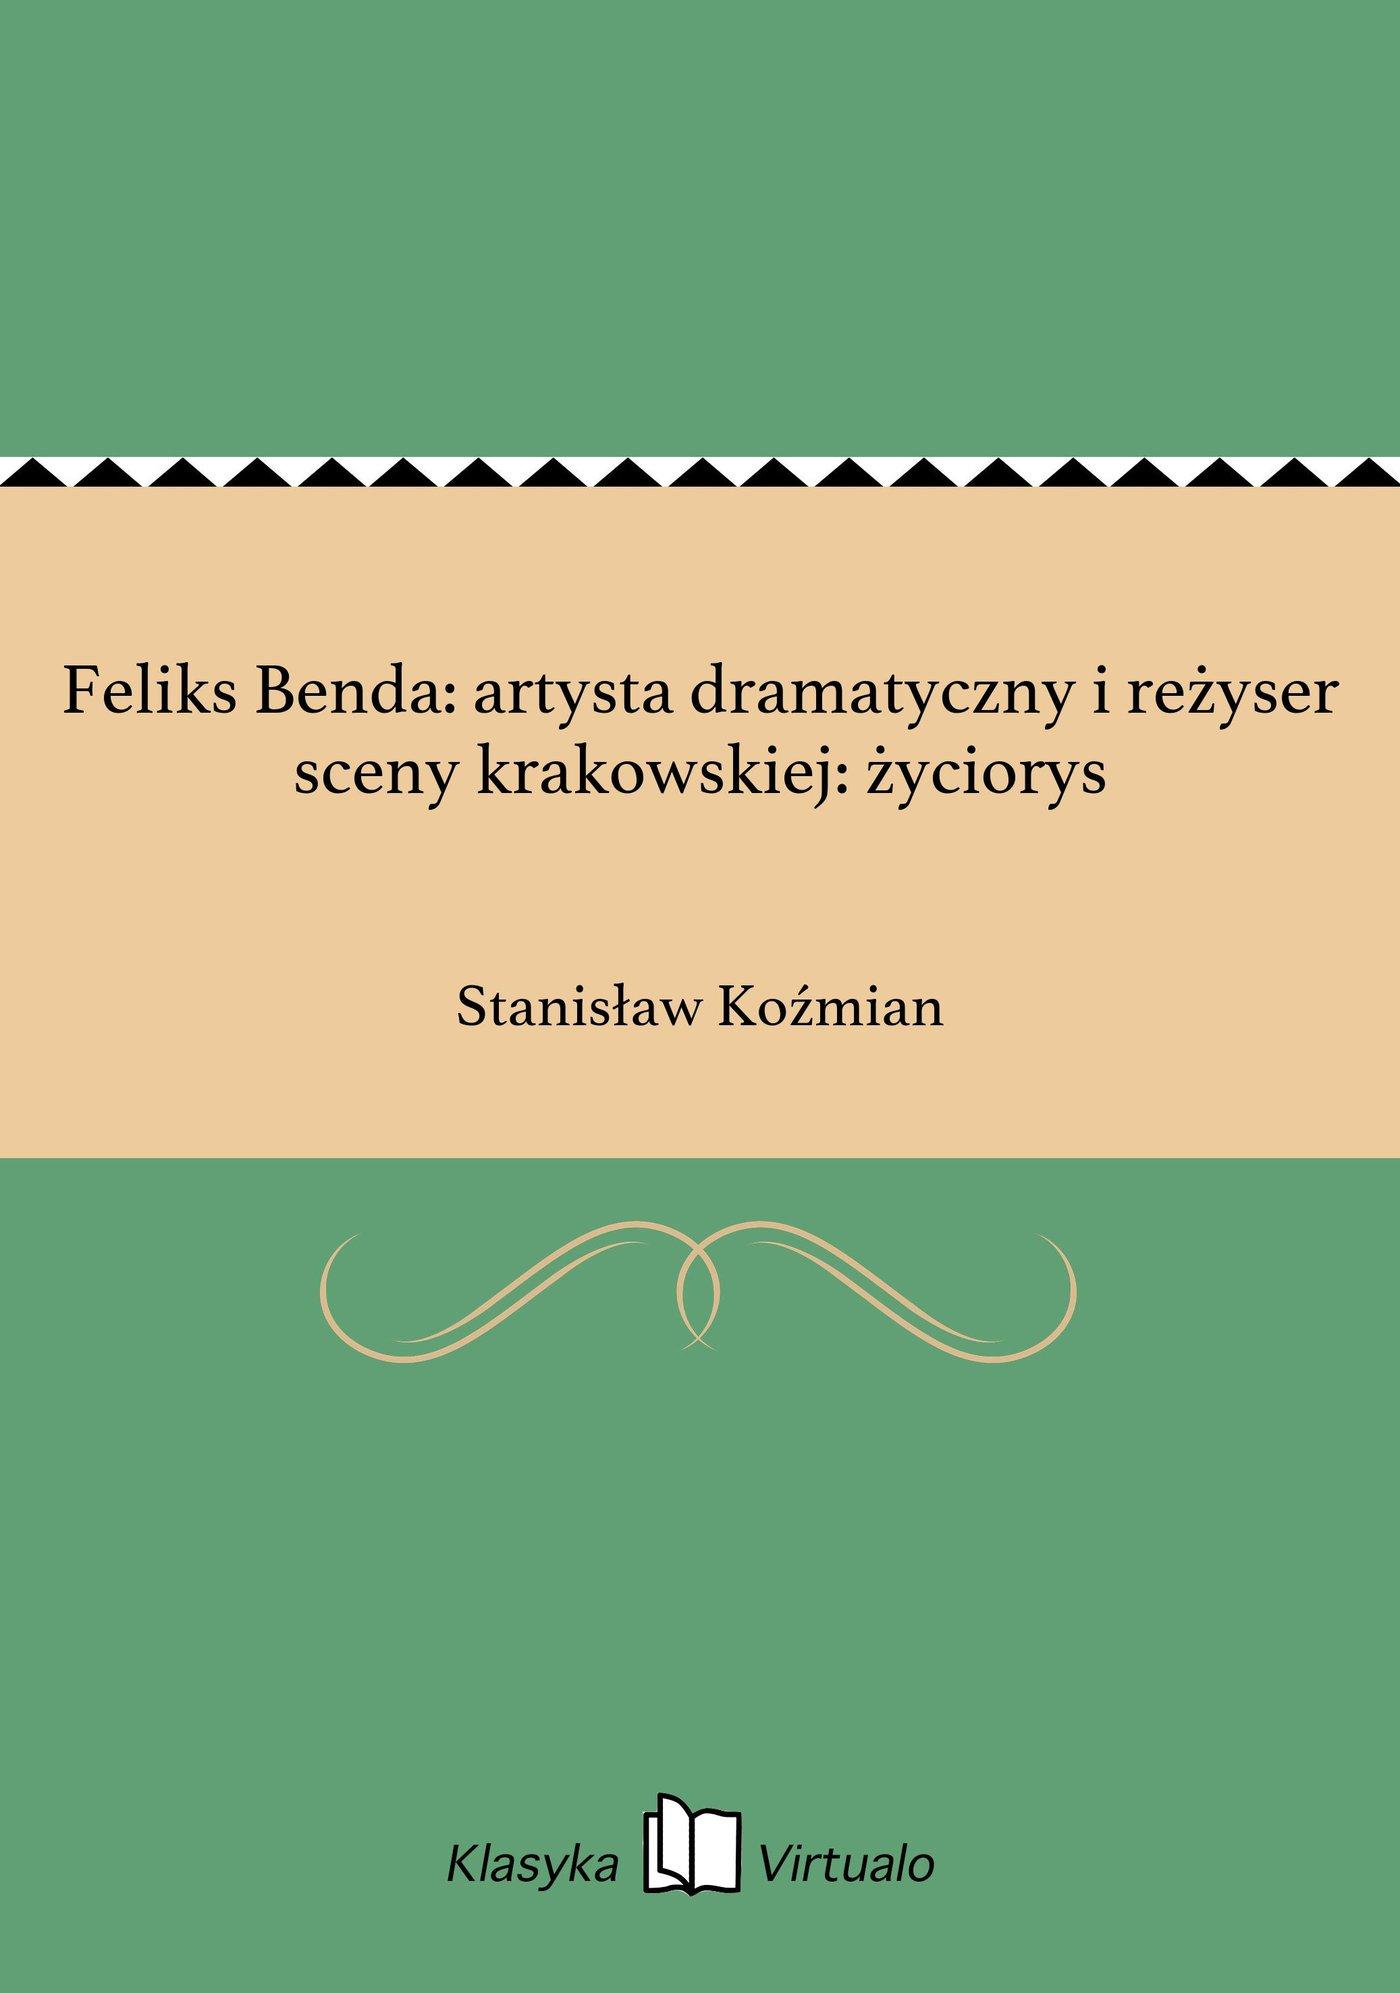 Feliks Benda: artysta dramatyczny i reżyser sceny krakowskiej: życiorys - Ebook (Książka EPUB) do pobrania w formacie EPUB